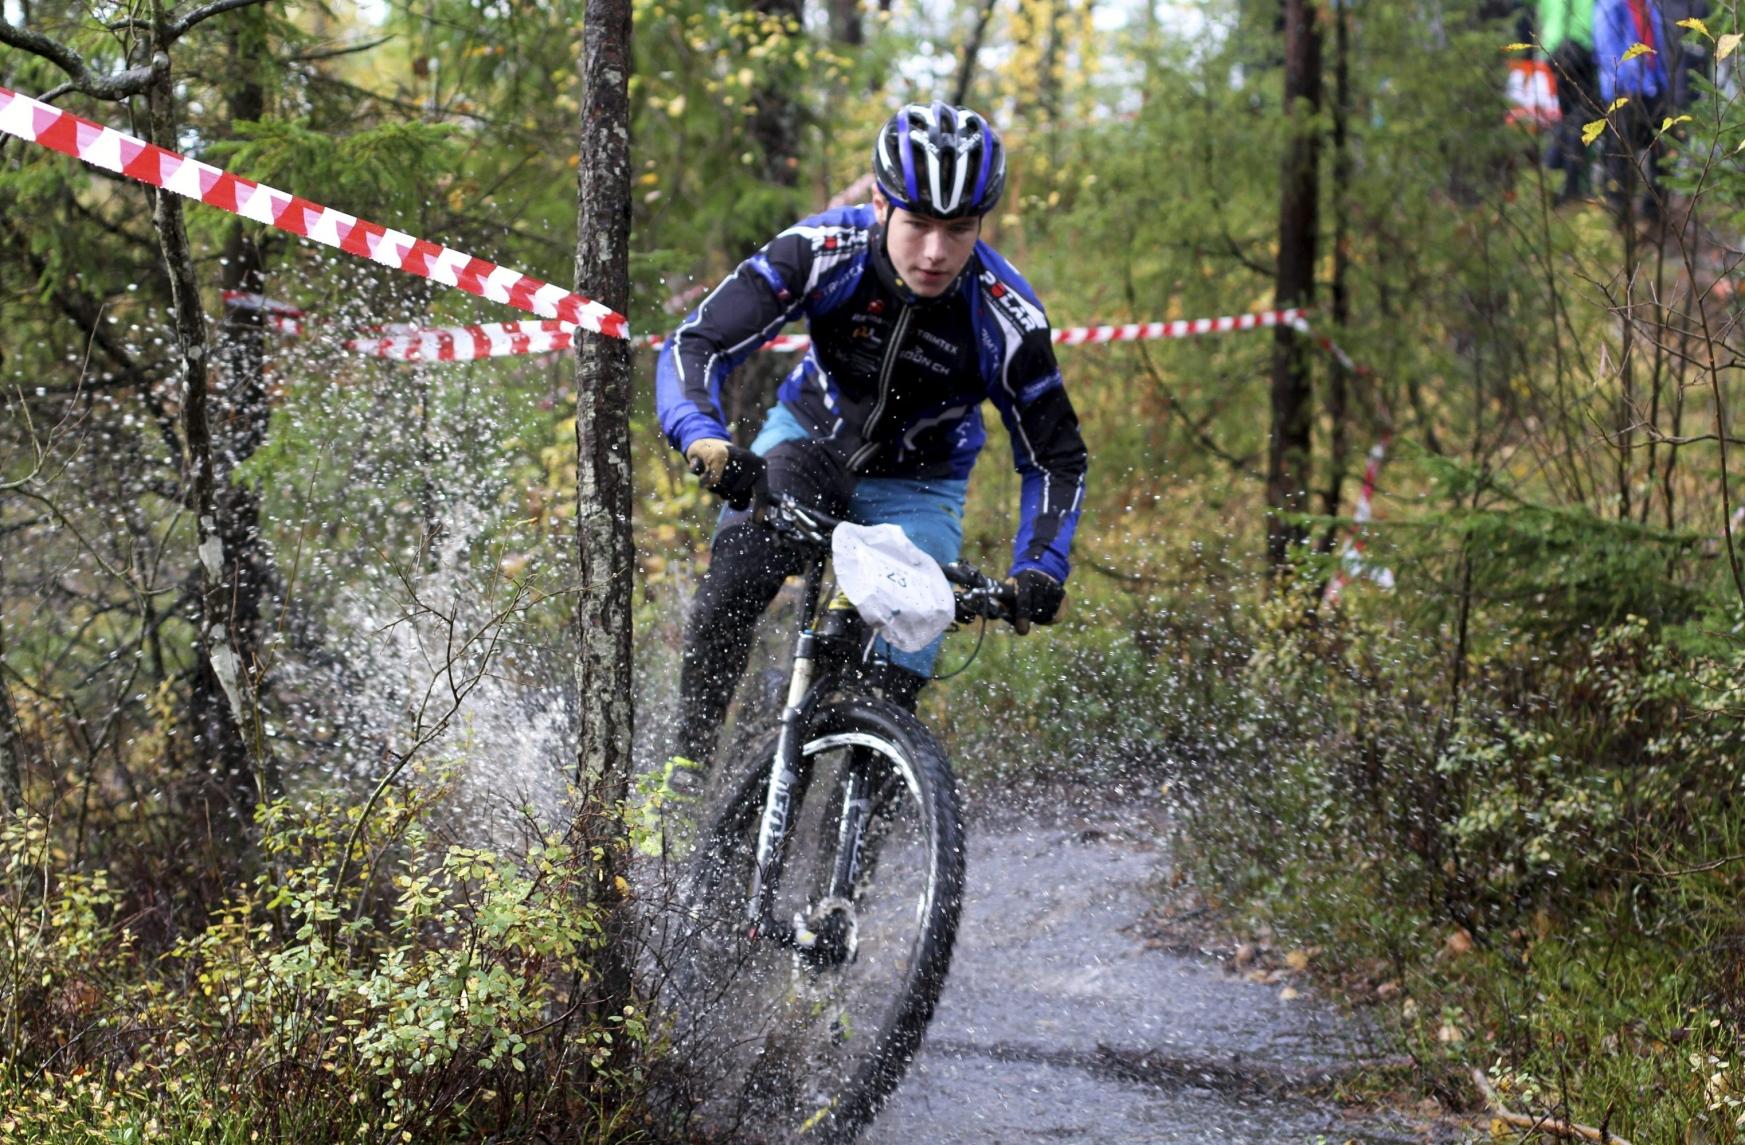 Fuktig sykkelfest